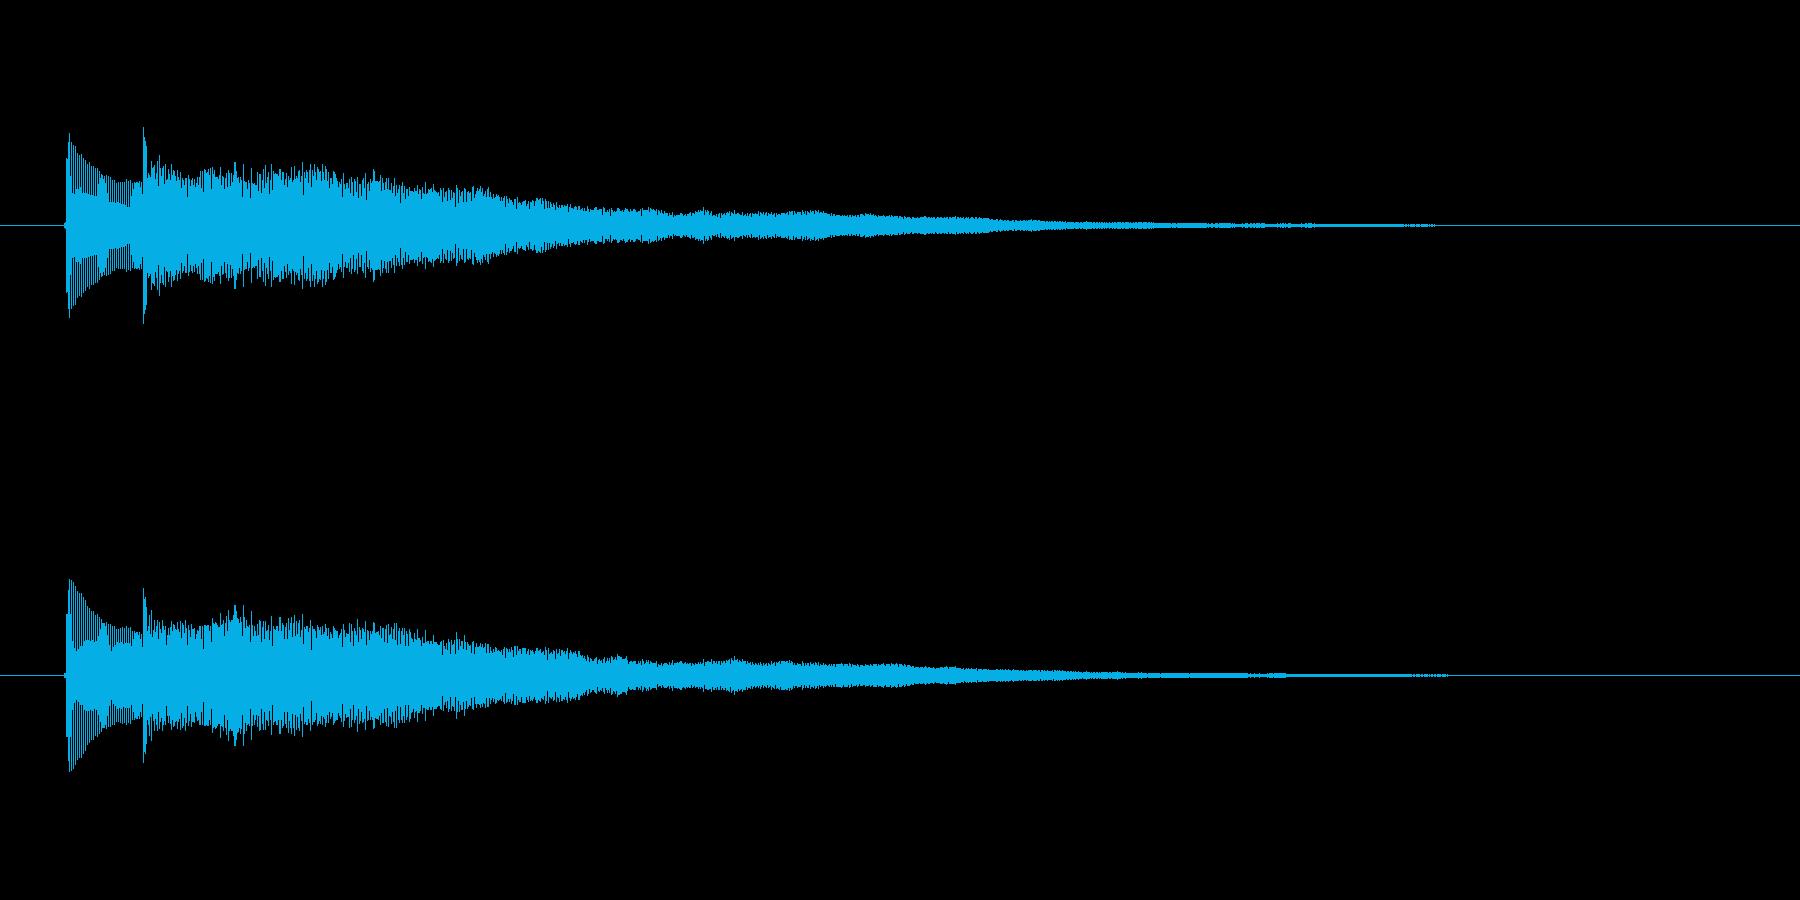 ボン、ボーンという弦楽器の音の再生済みの波形